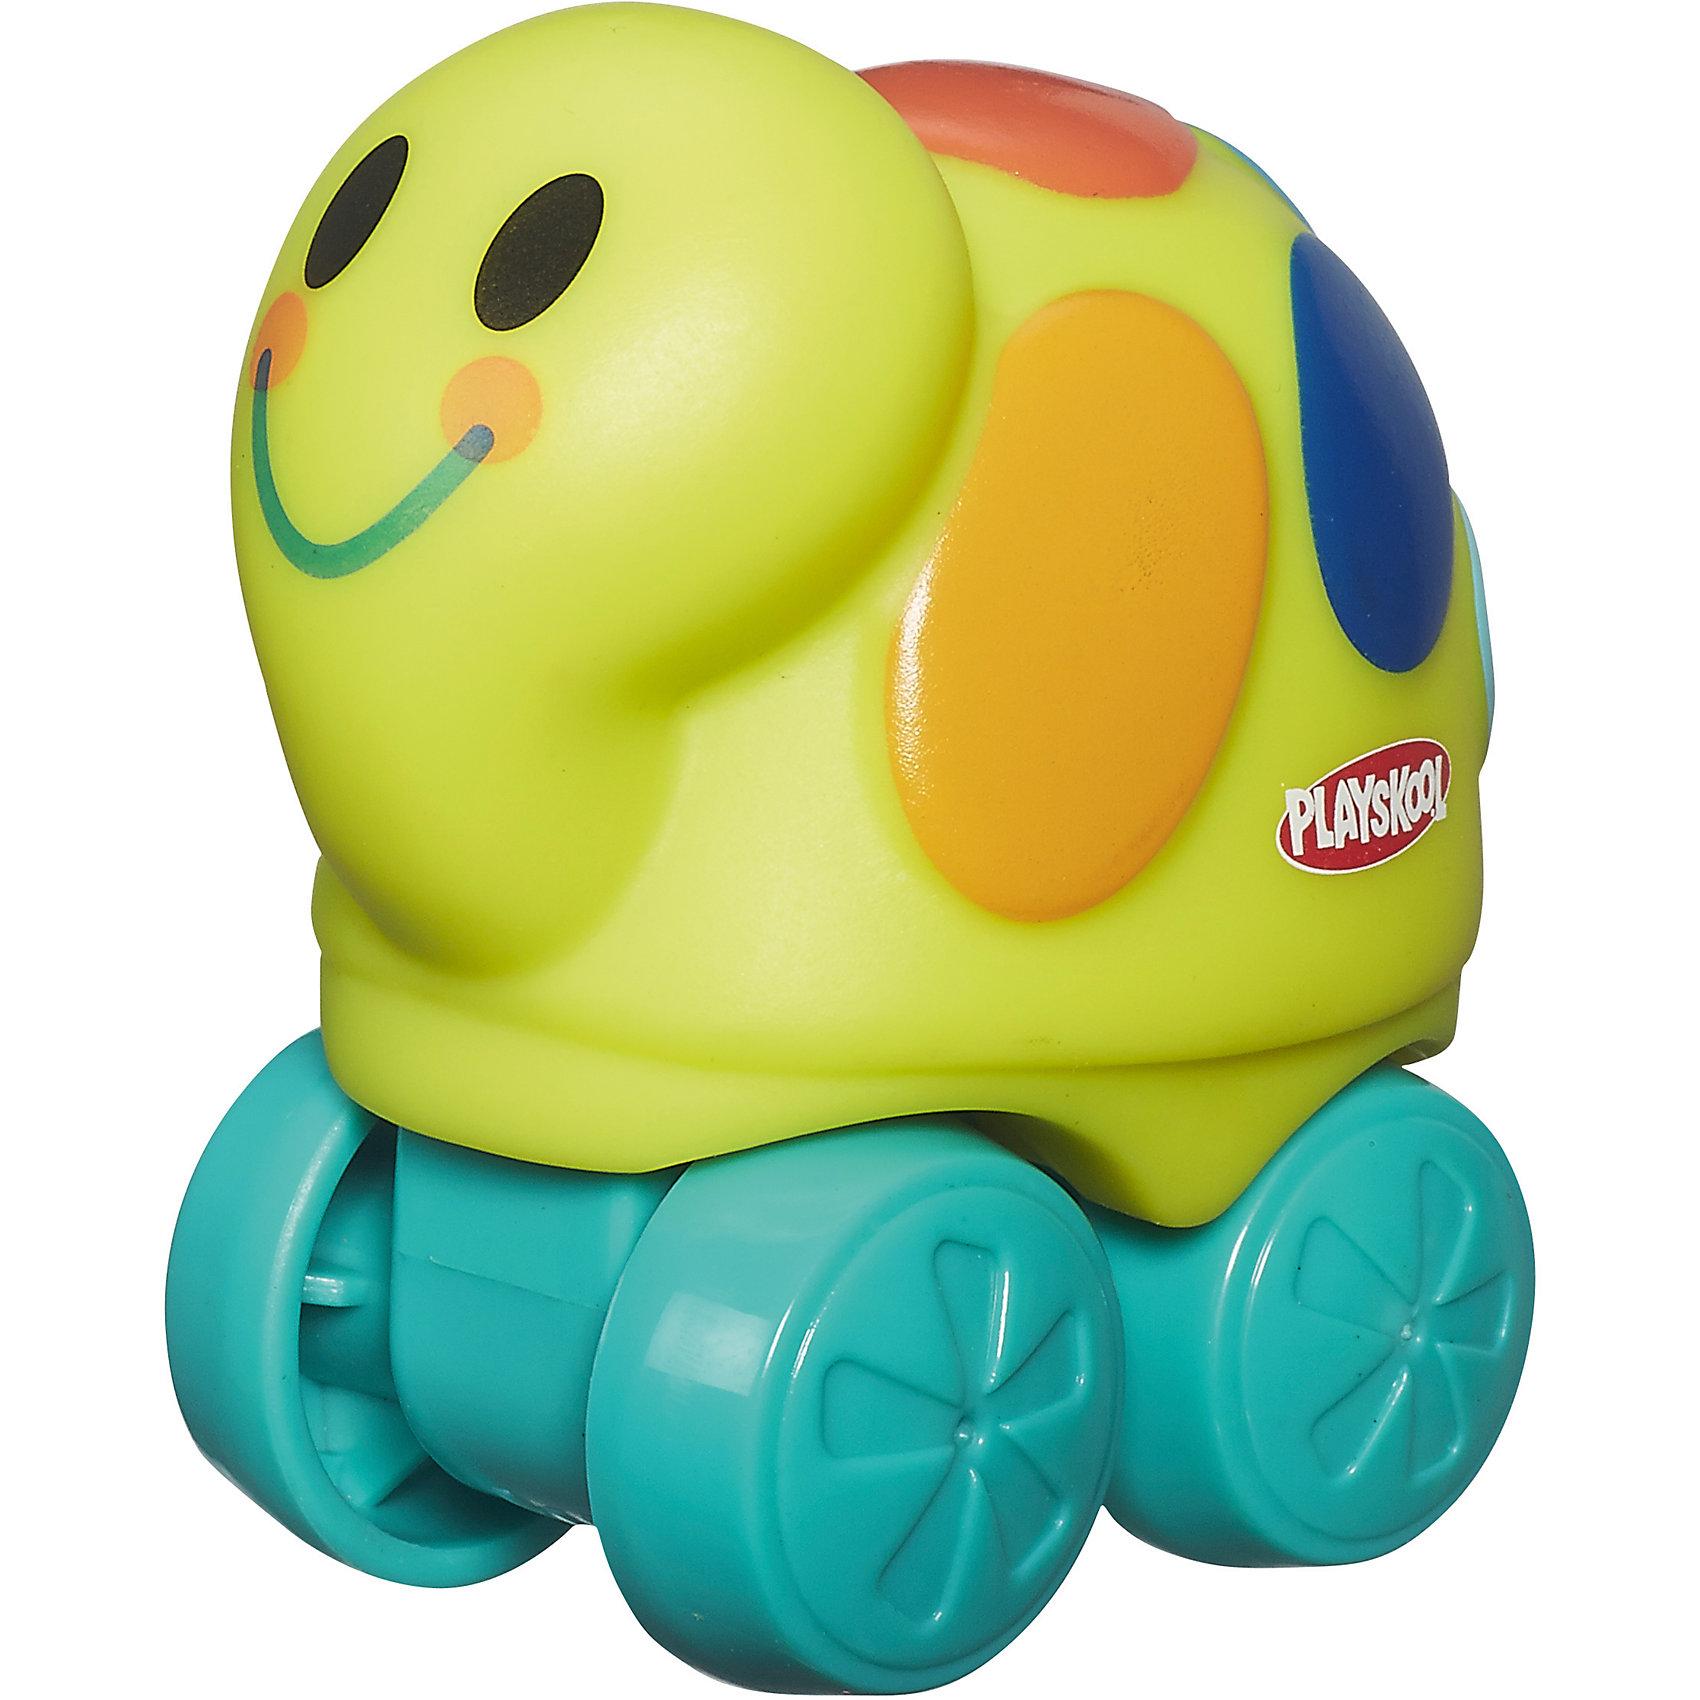 Веселые мини-животные Возьми с собой: желтая черепаха, PLAYSKOOLМашинки и транспорт для малышей<br>Веселые мини-животные Возьми с собой, PLAYSKOOL, 4844/A7391<br><br>Характеристики:<br><br>• Цвет: желтый, зеленый<br>• Игрушка: черепашка<br>• Каталка на колесиках<br>• Материал: пластик<br><br>Миниатюрная каталка в виде животного подарит малышу море радости и позитива. Сделана игрушка из качественного материала, который не вредит ребенку. Игрушку легко мыть, она не тускнеет и не портится от длительного использования. Такая игрушка сможет развить мелкую моторику рук, благодаря плотному, но не жесткому материалу.<br><br>Веселые мини-животные Возьми с собой, PLAYSKOOL, B4844/A7391 можно купить в нашем интернет-магазине.<br><br>Ширина мм: 76<br>Глубина мм: 54<br>Высота мм: 72<br>Вес г: 54<br>Возраст от месяцев: 12<br>Возраст до месяцев: 36<br>Пол: Унисекс<br>Возраст: Детский<br>SKU: 5389097